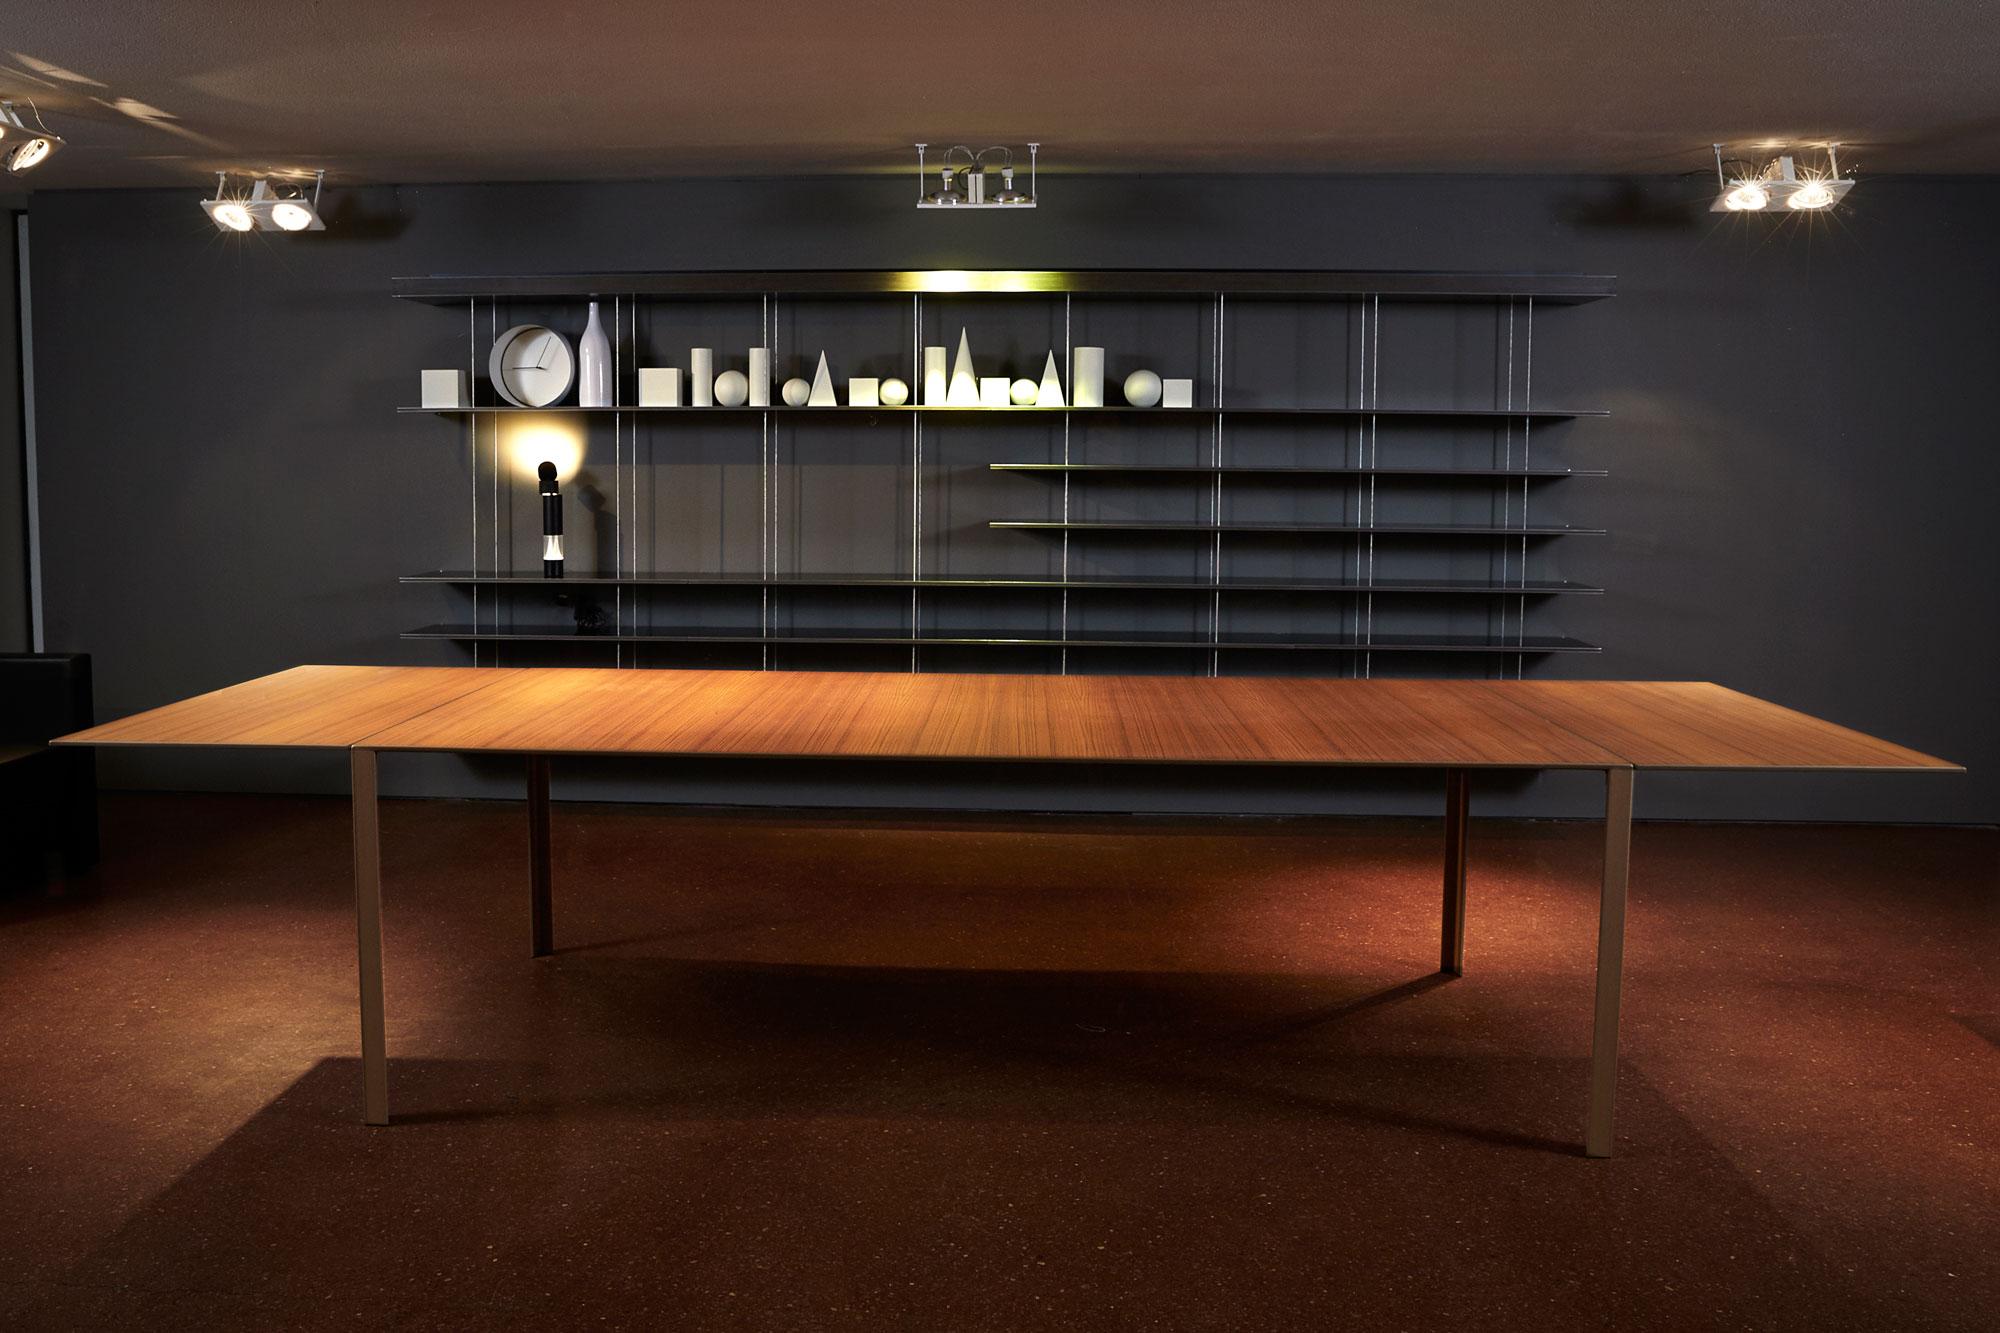 Molteni unifor flagshipstore jean nouvel design for Molteni graduate